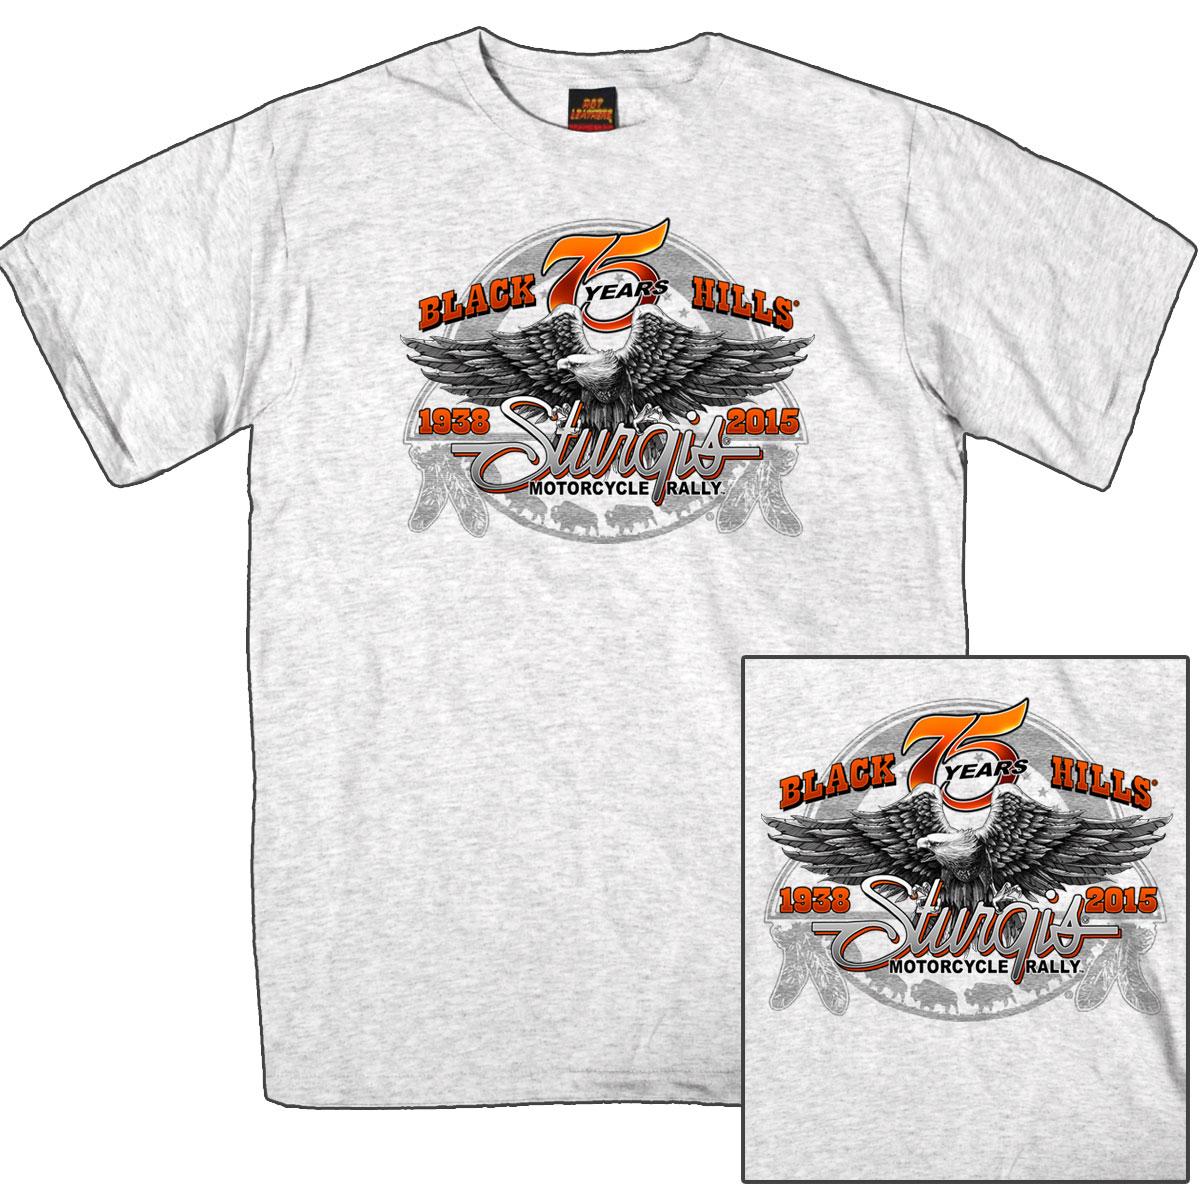 【送料無料!】 限定価格!米国ハーレーの祭典「スタージス」公式75周年イーグル コンドル半袖 Tシャツ! アメカジ バイカー! バイクに! ハーレーダビッドソン乗り愛用 ASH